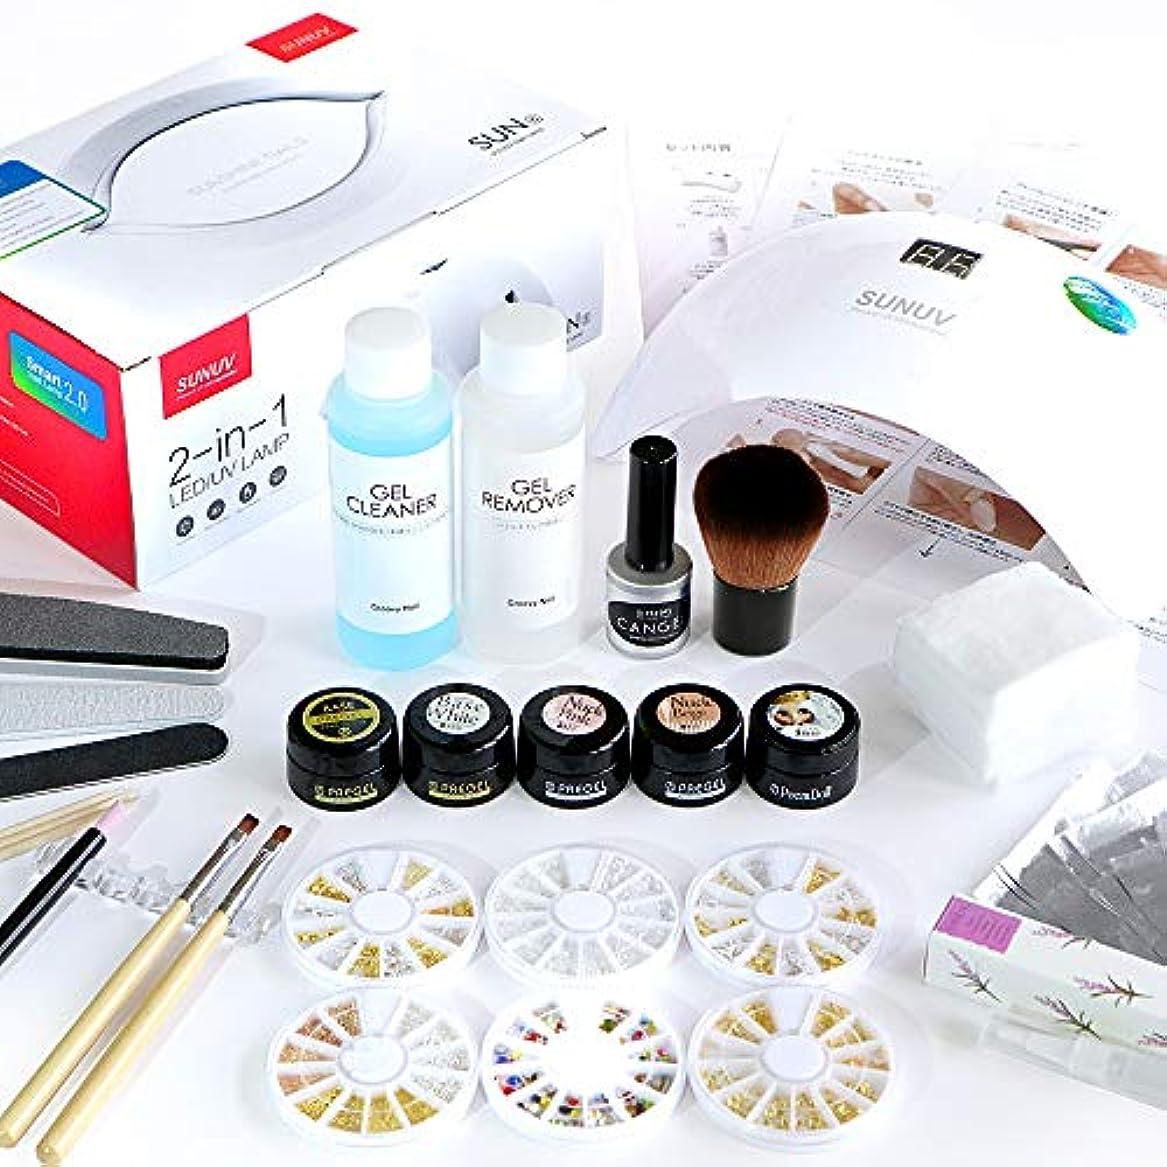 維持ジョブパン屋PREGEL プリジェル ジェルネイル スターターキット 日本製カラージェル4色+LEDライト48W ネイルアート 初心者におすすめ